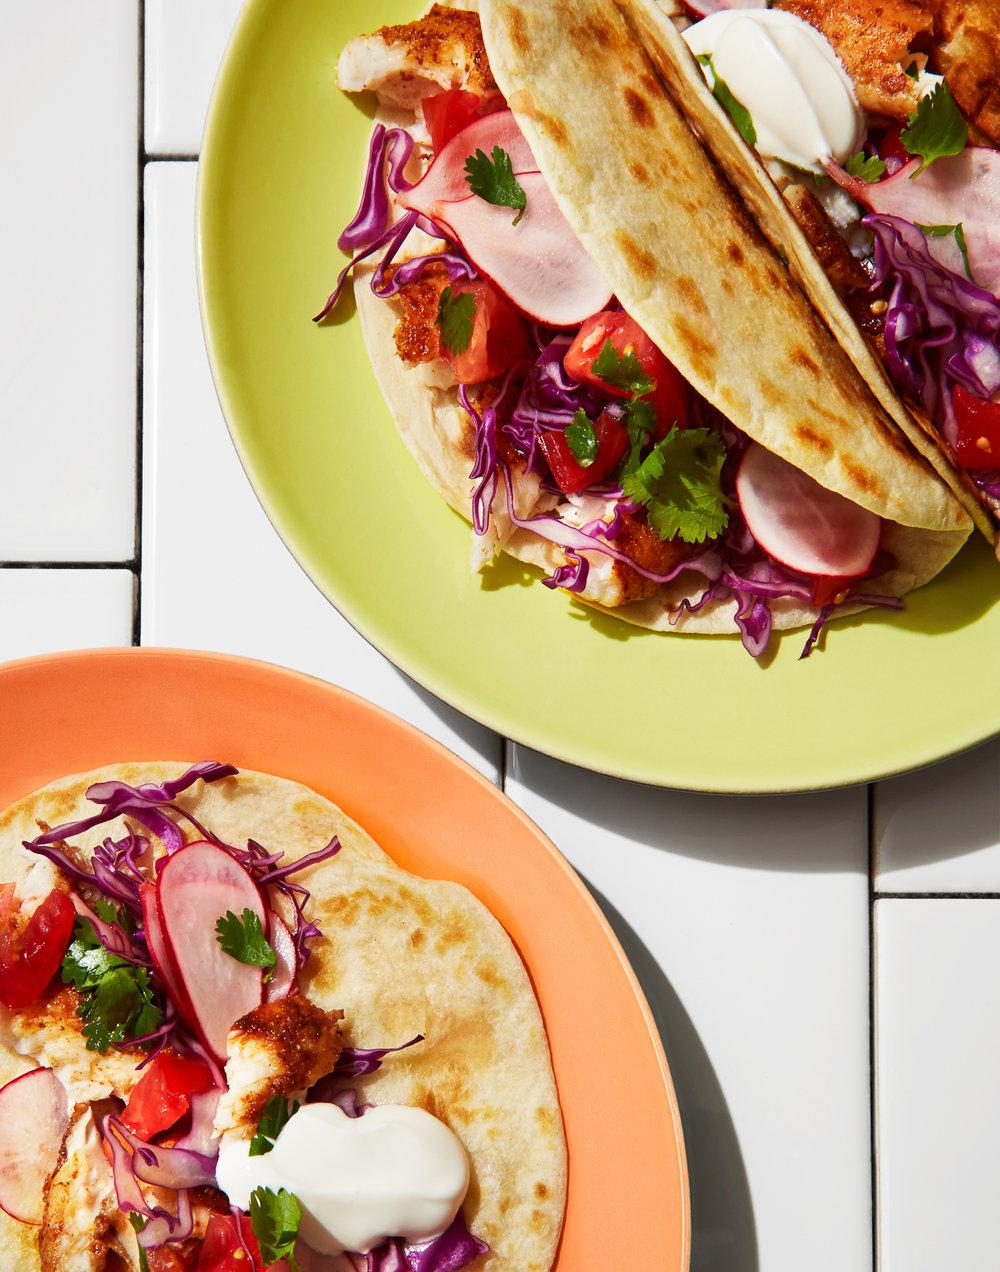 140919 R29 Tacos Plated.jpg